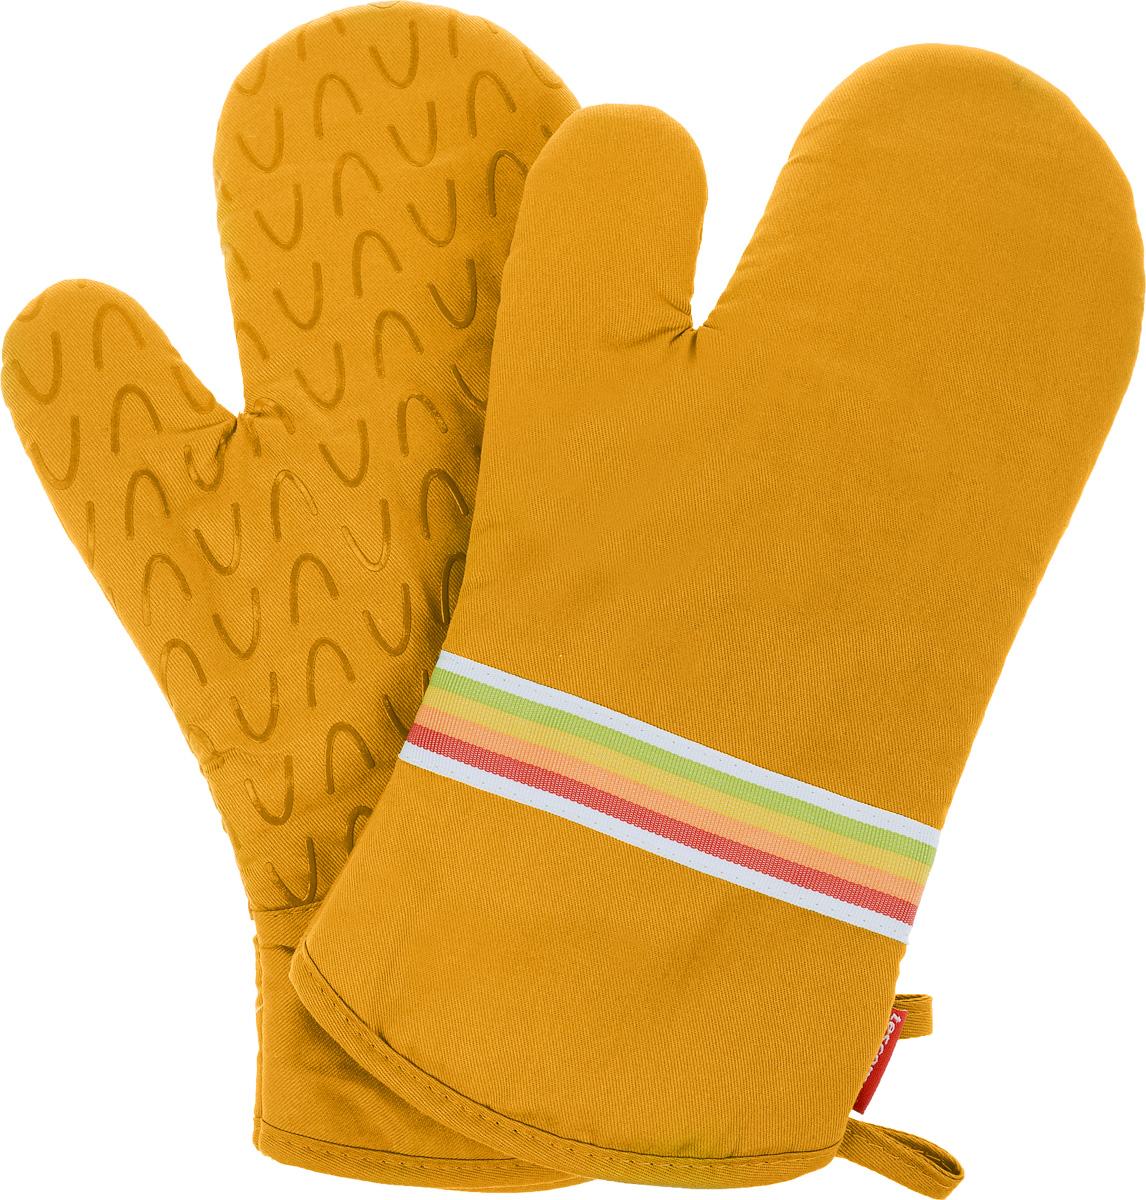 Рукавица-прихватка Tescoma Presto Tone, цвет: желтый, 33 х 18 см, 2 шт531-401Рукавица-прихватка Tescoma Presto Tone, изготовленная из 100% хлопка и термостойкого силикона, имеет яркий дизайн. Для простоты и удобства хранения, изделие оснащено петелькой для подвешивания и магнитом. Такая прихватка защитит ваши руки от высоких температур и предотвратит появление ожогов. Рекомендуется стирка при температуре 30°С. Размер изделия (ДхШ): 33 х 18 см.Комплектация: 2 шт.